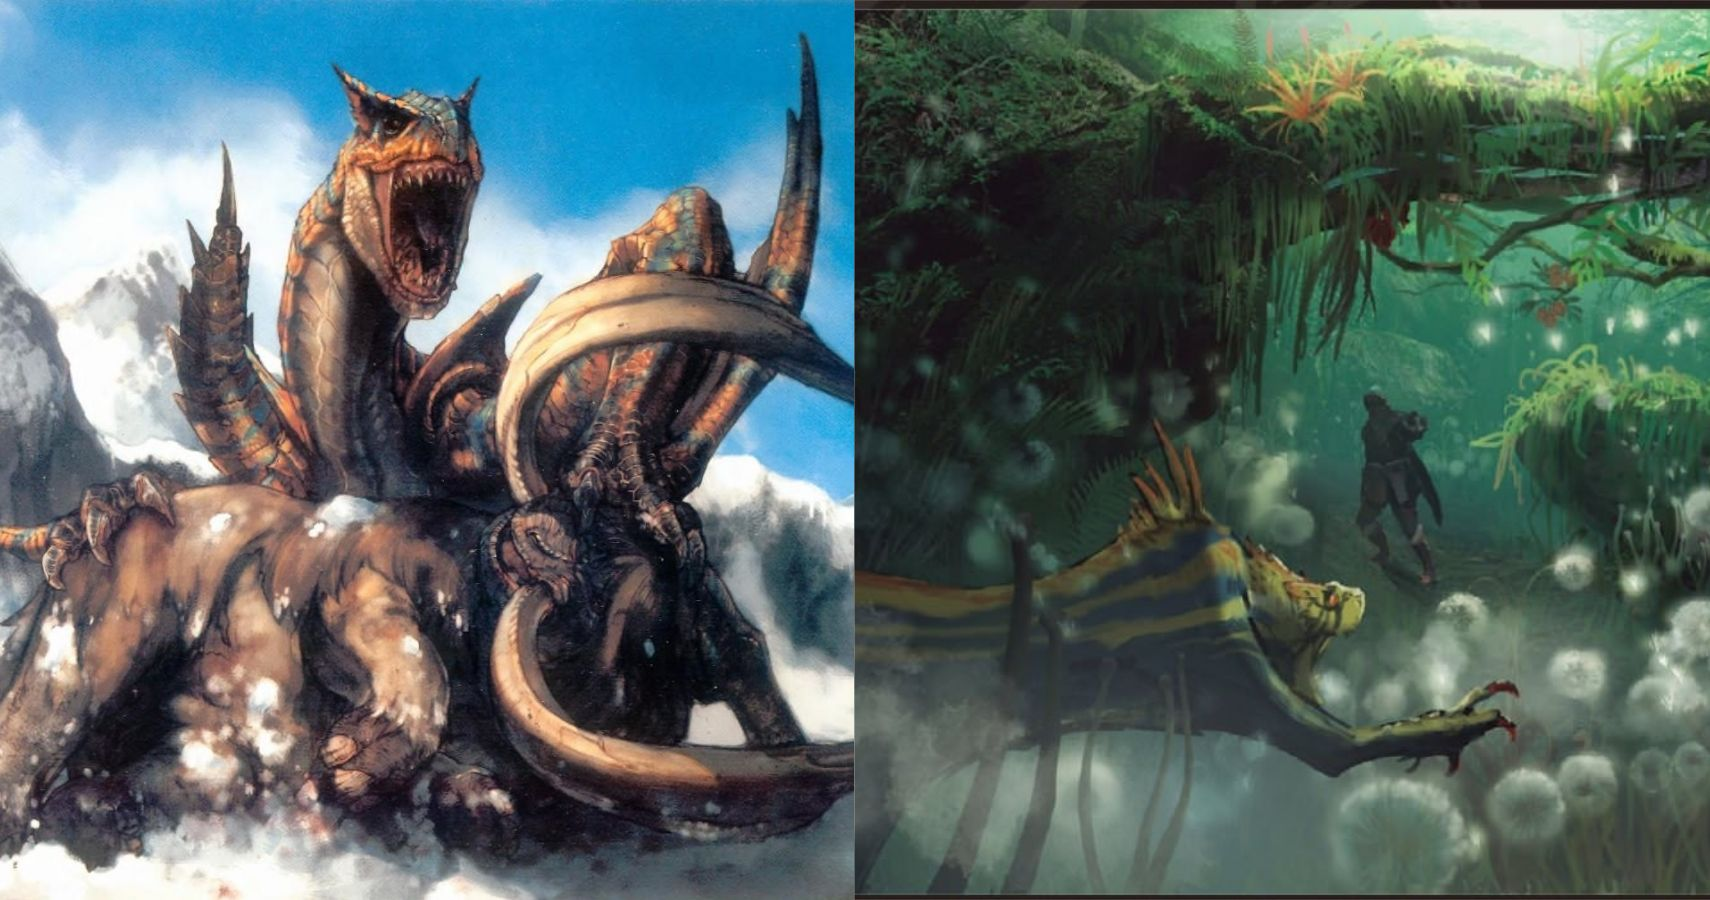 female monster hunter armor concept art